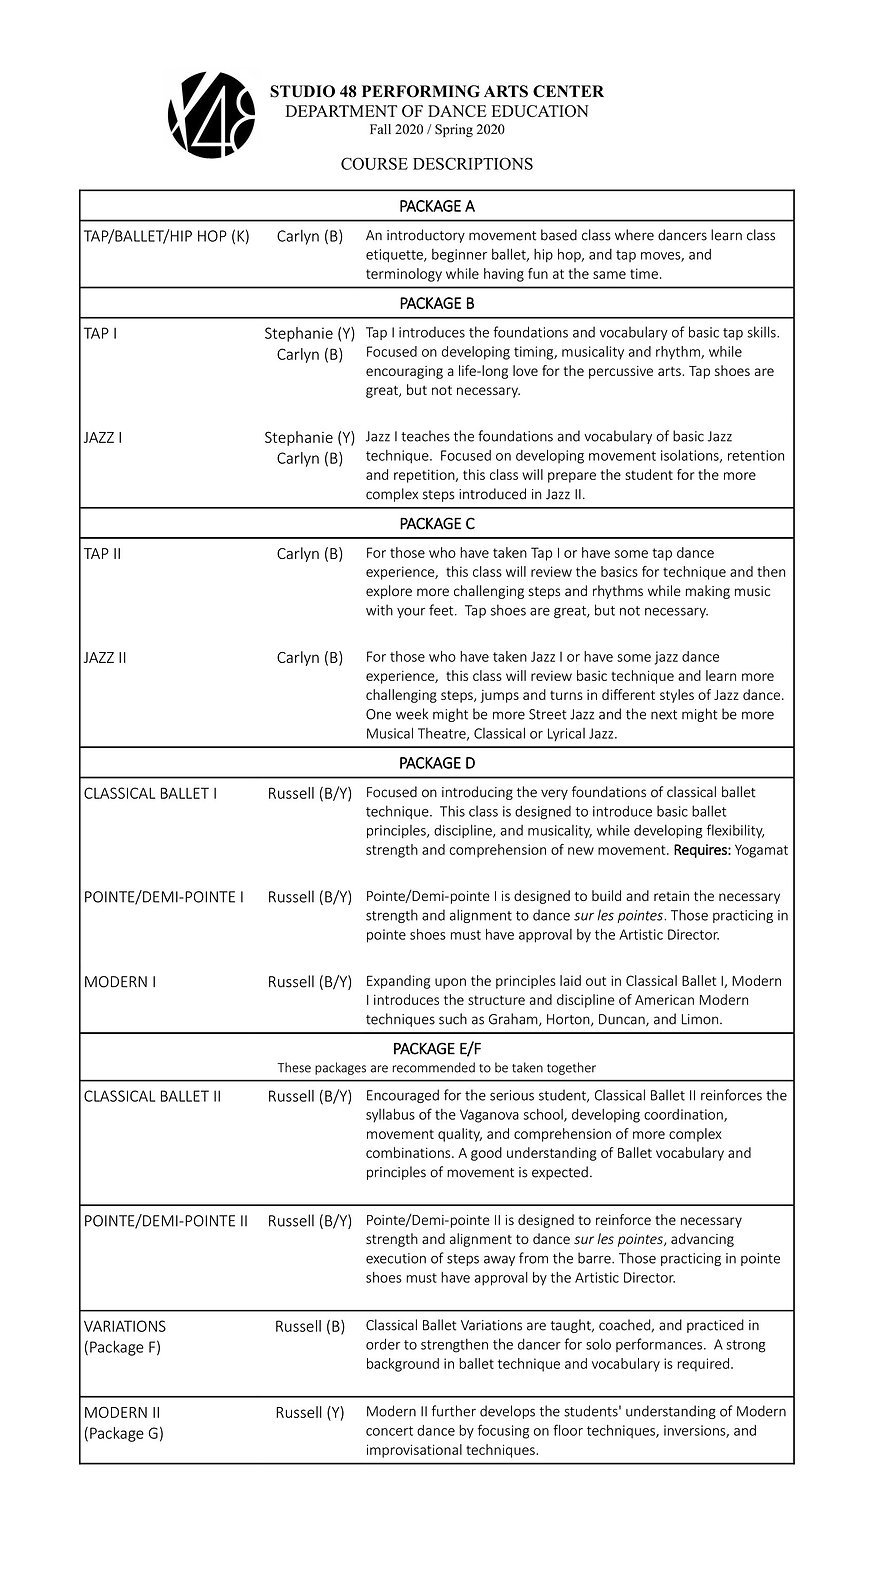 Studio 48 2020 Course Descriptions one.j